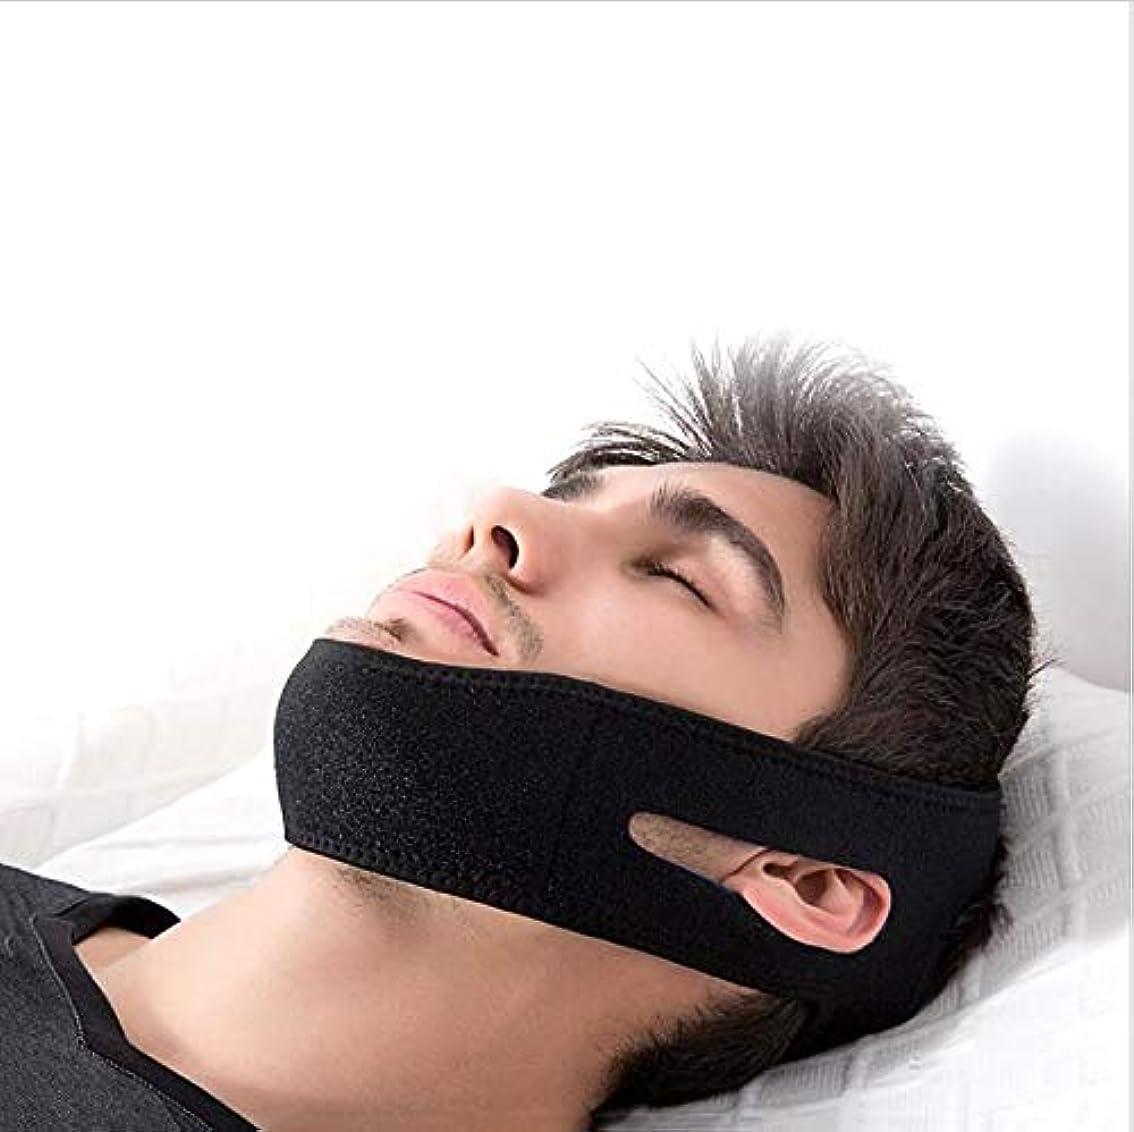 愛情つかいますクリエイティブ顔面の体重減少男性と女性の顔Vの顔の睡眠のマスク顔リフトの包帯顔のリフト二重顎と薄い顔をしっかりと固定